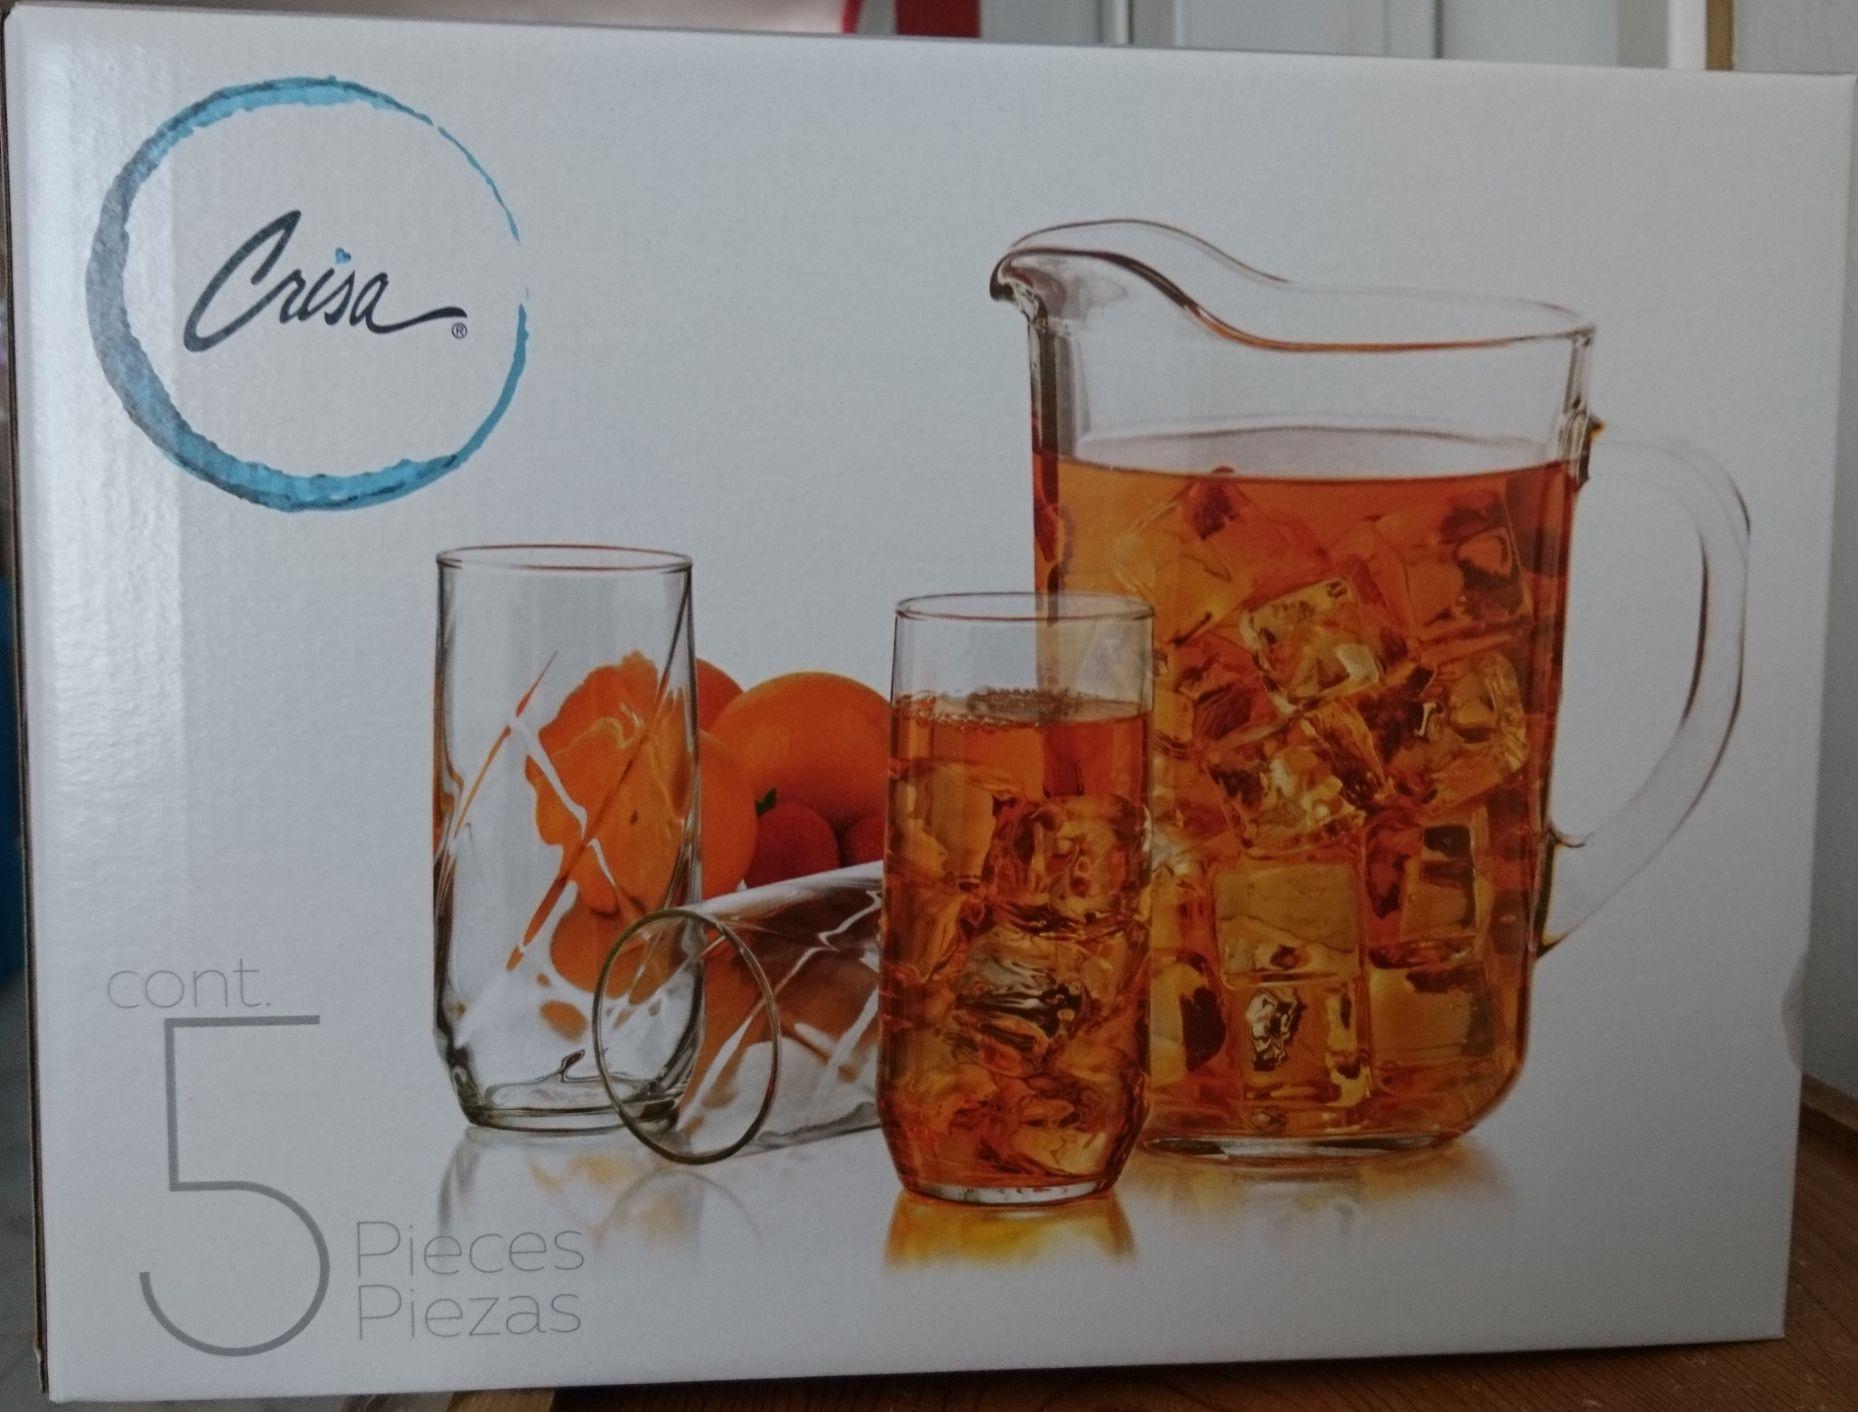 Walmart: Juego de vasos Crisa